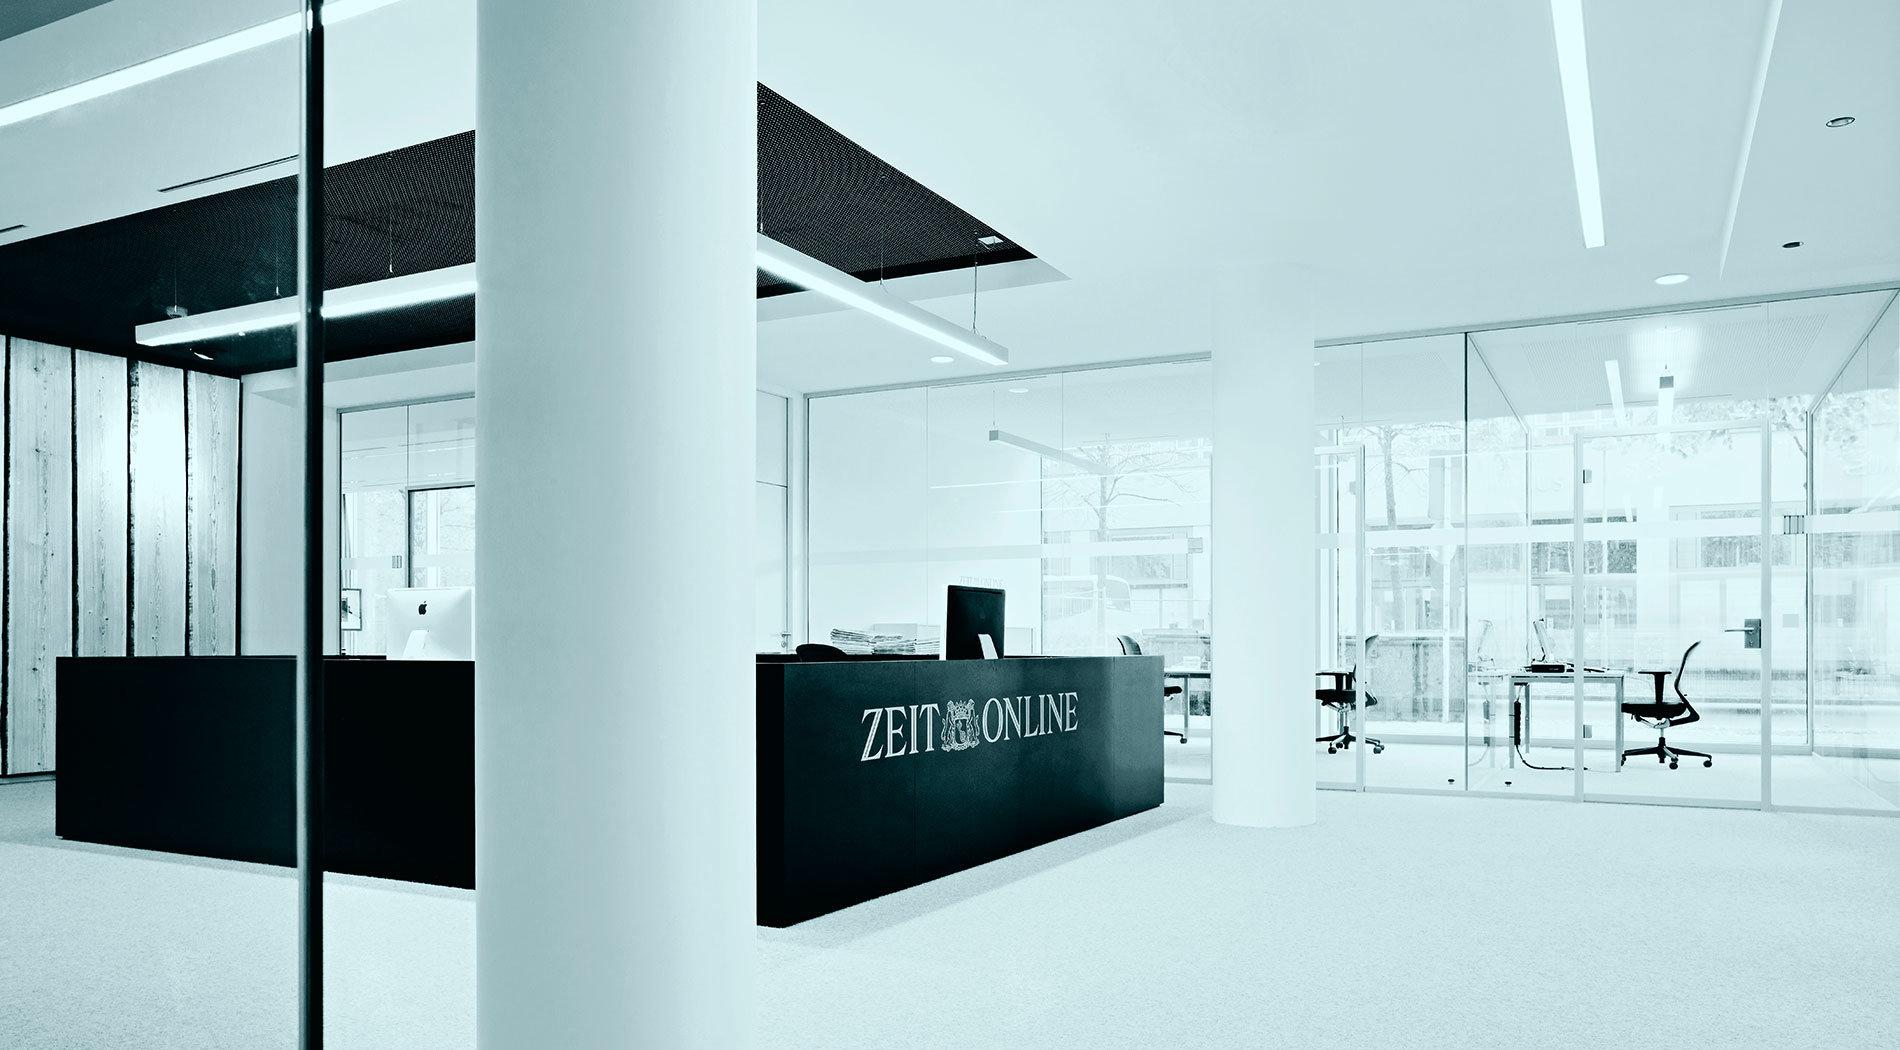 zeit-online_1